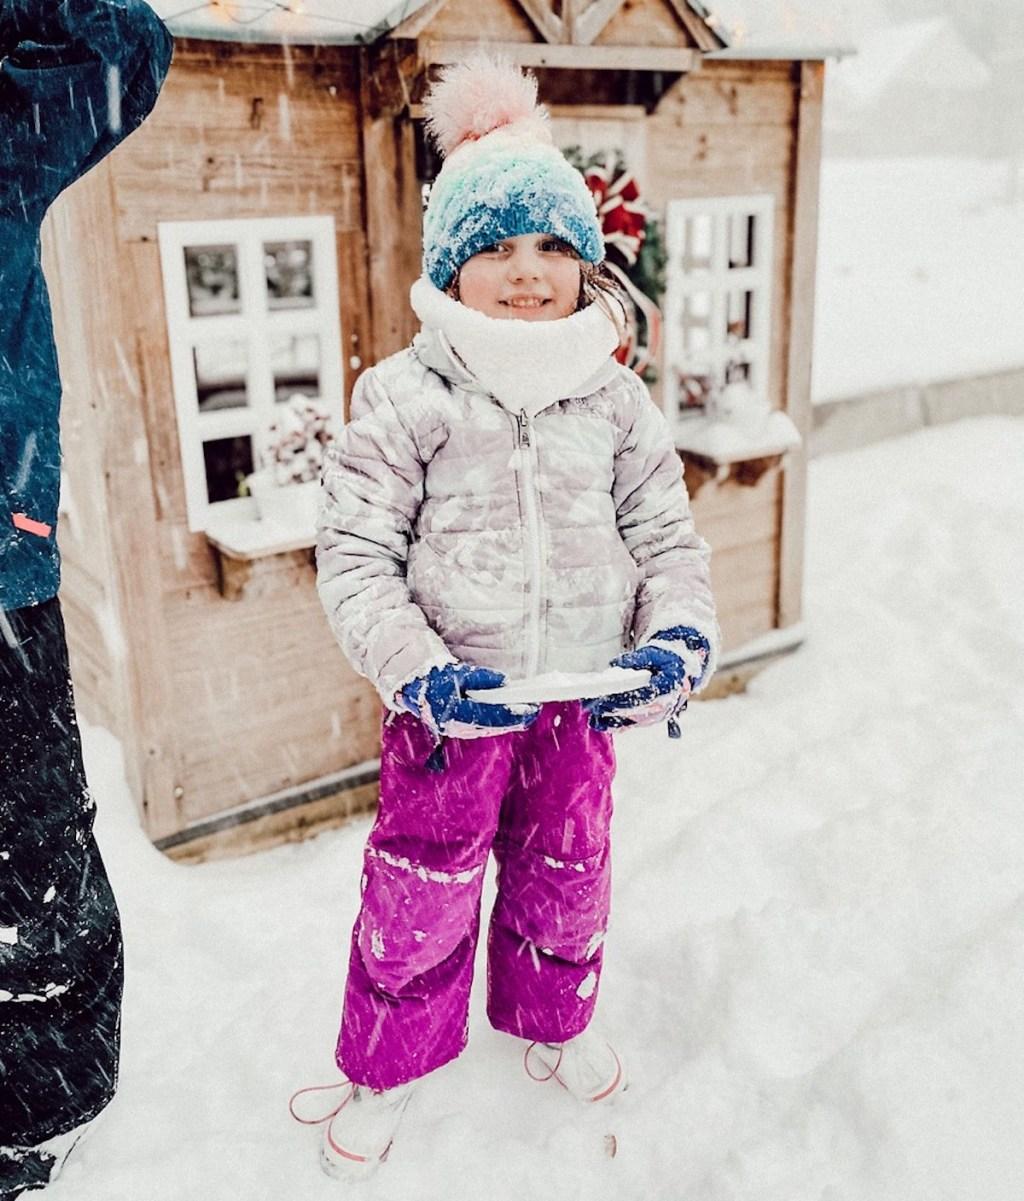 girl wearing winter gear outside in snow